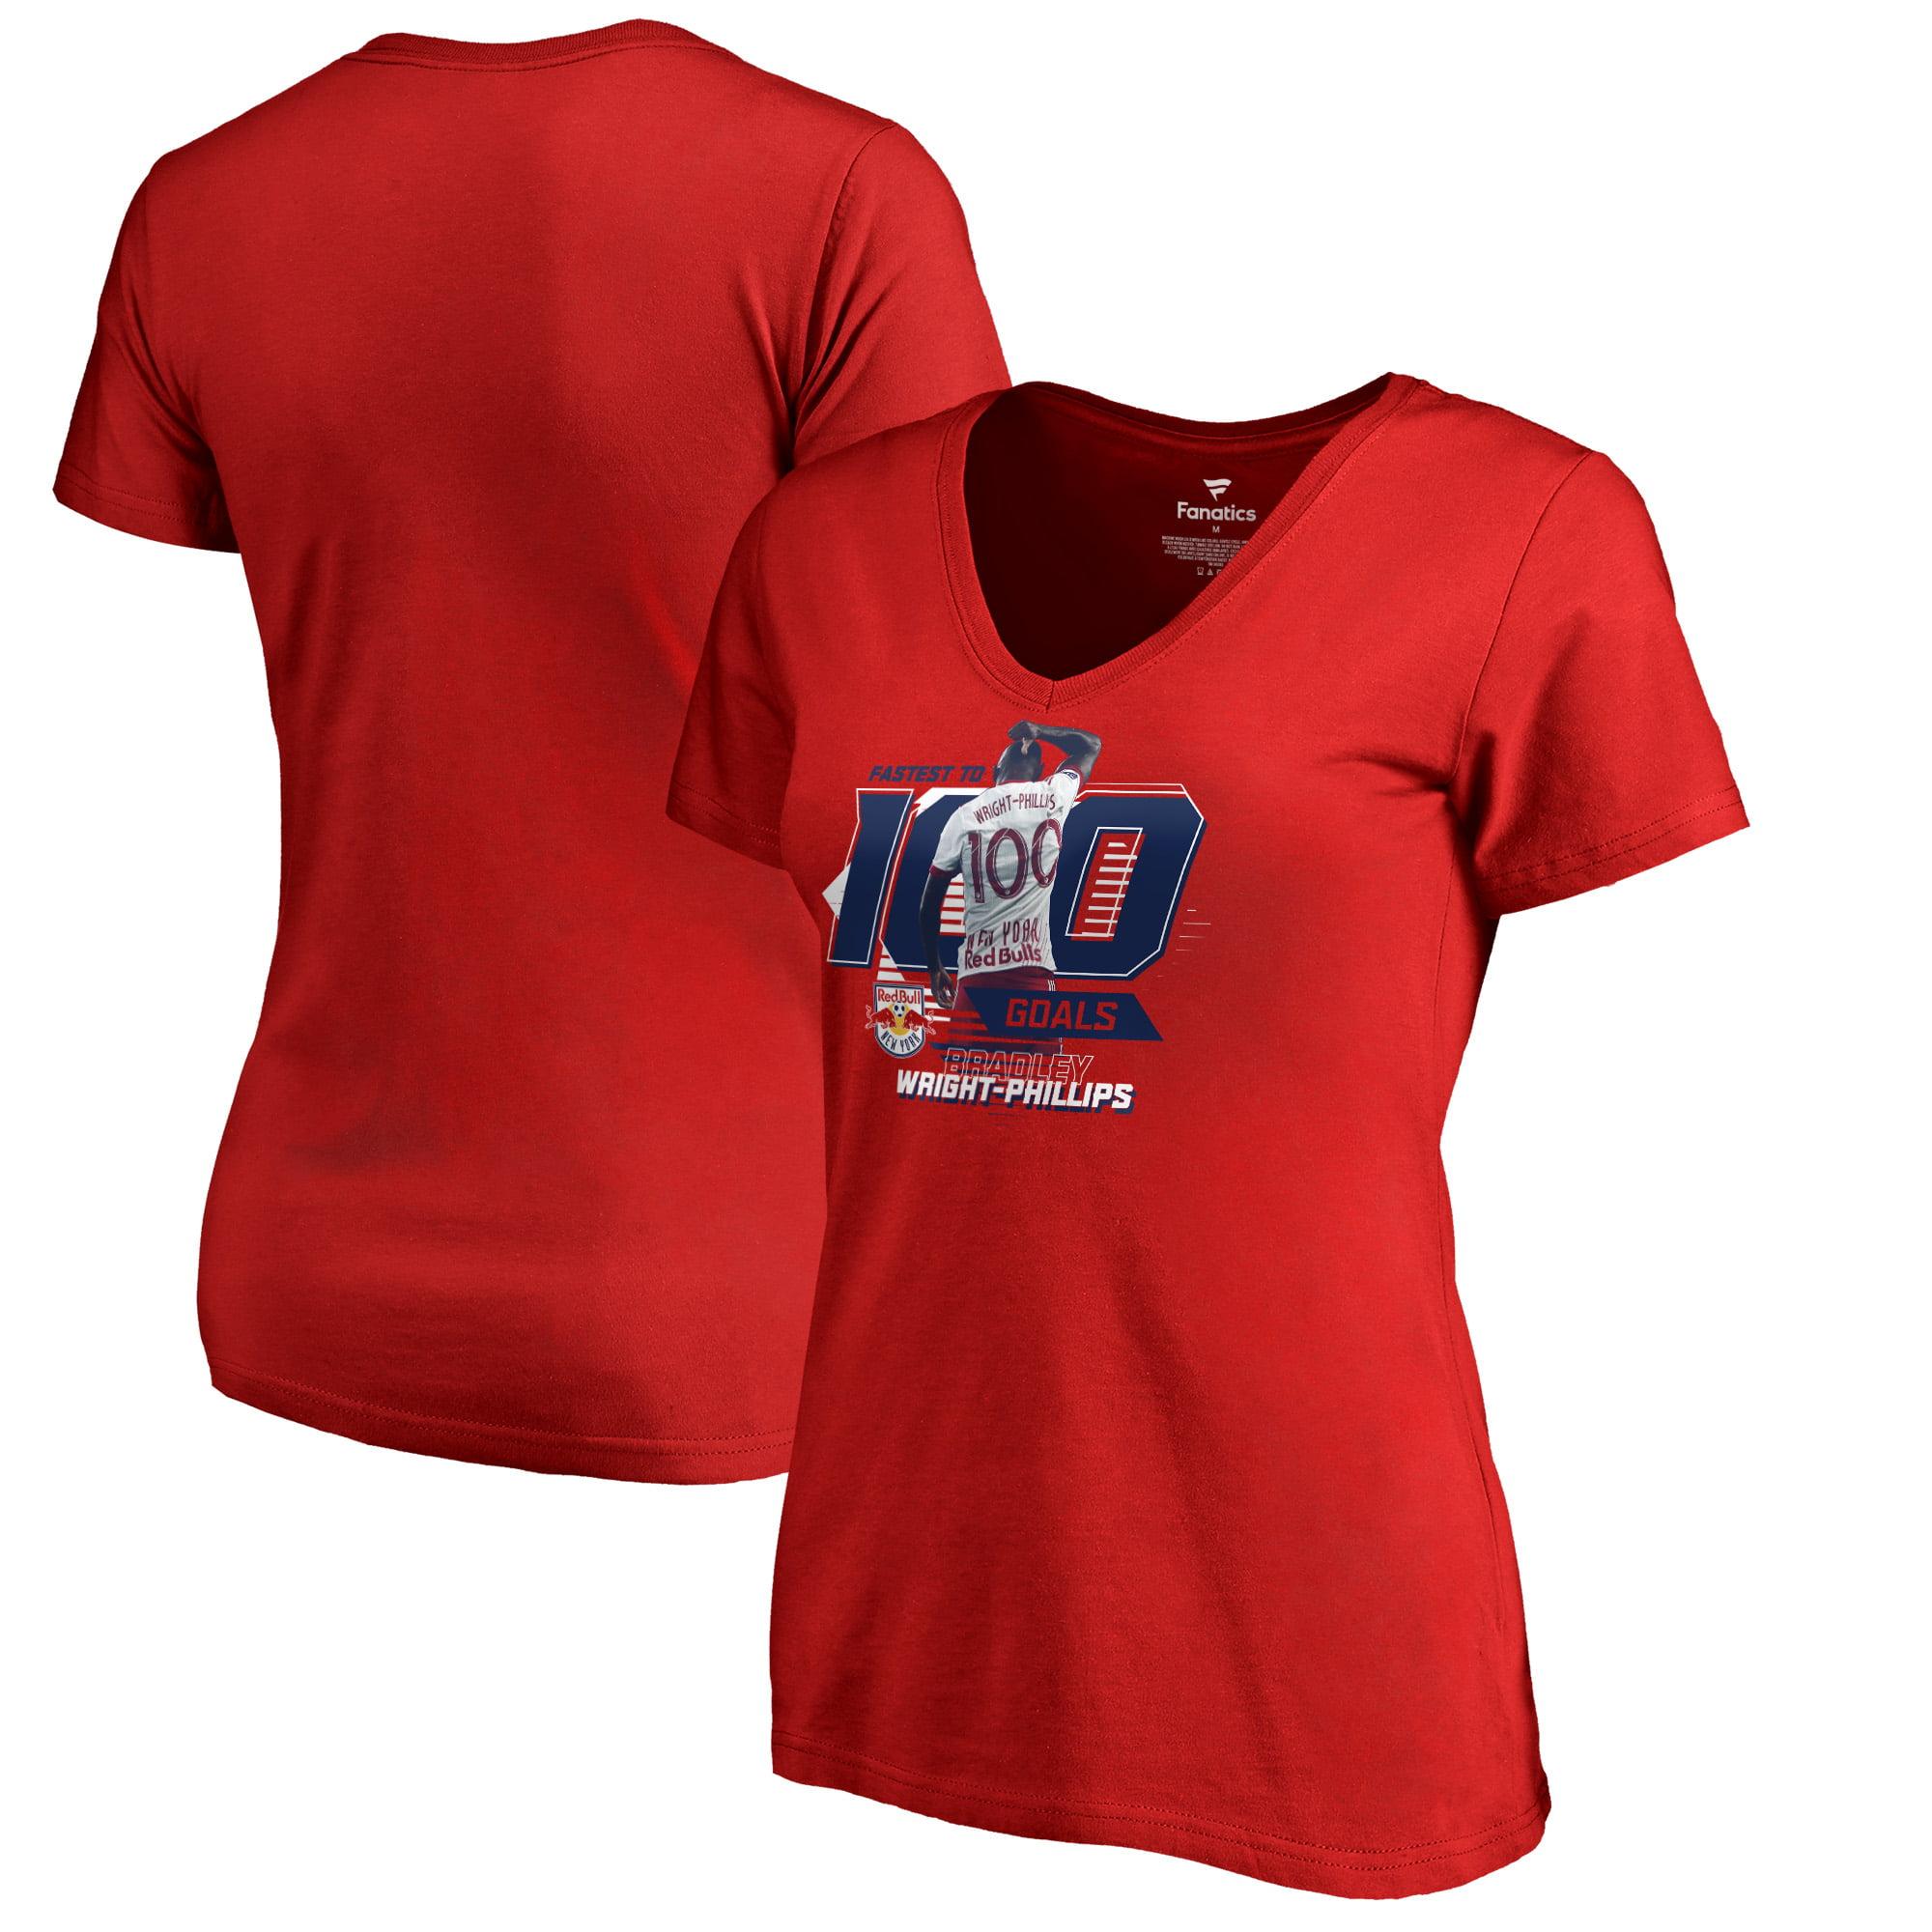 Bradley Wright-Phillips New York Red Bulls Fanatics Branded Women's 100th Goal V-Neck T-Shirt - Red